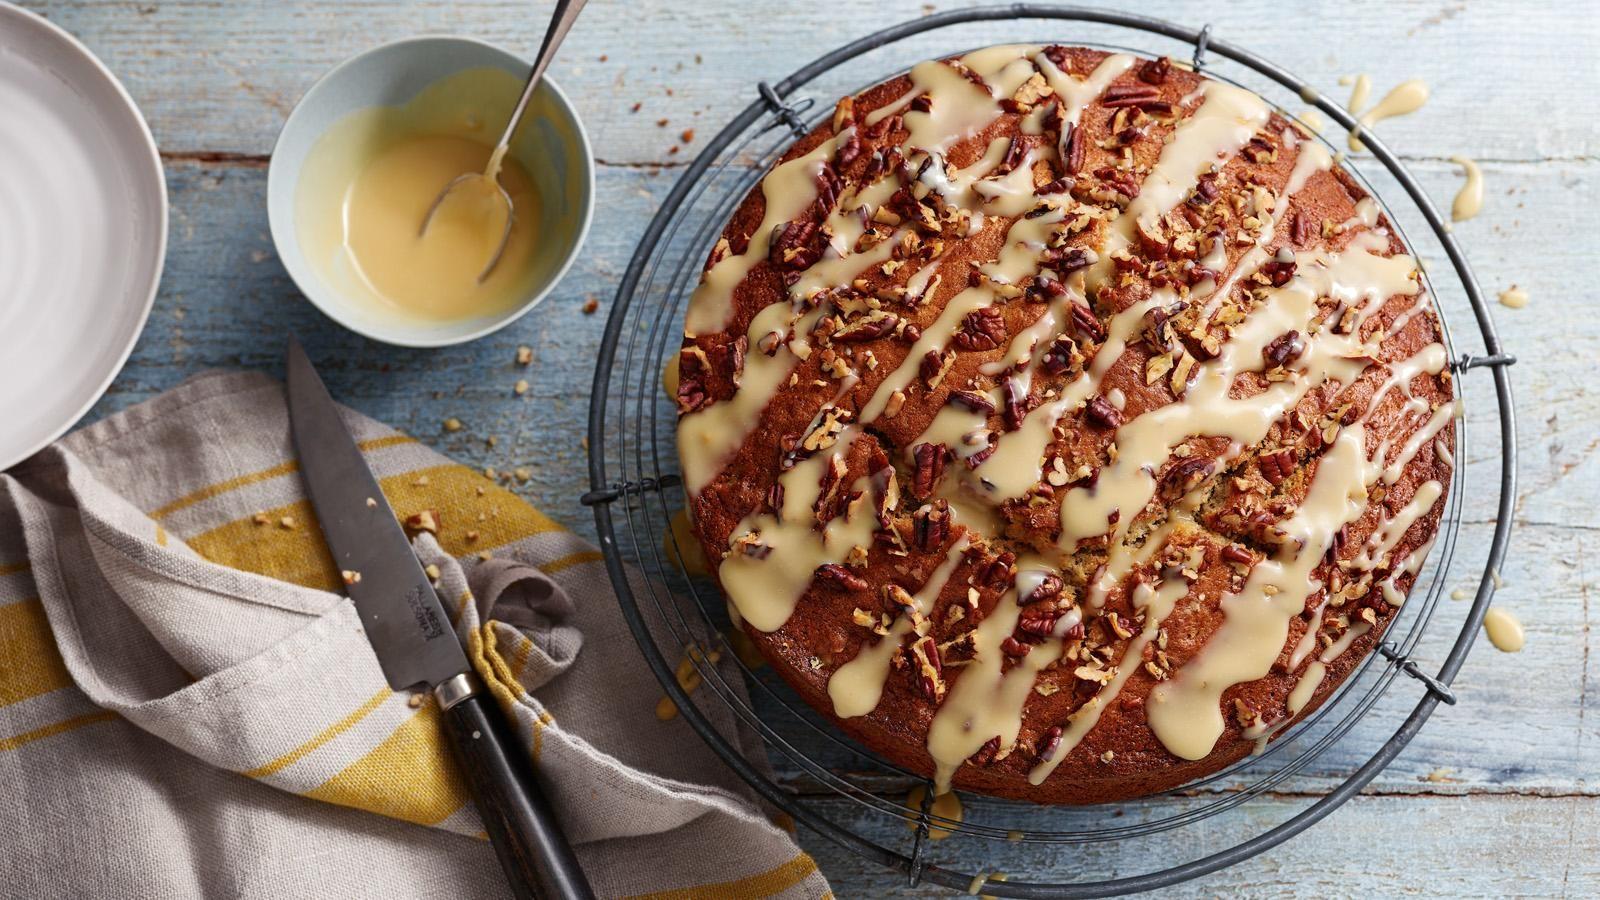 Banana Cake Recipe Recipe In 2020 Banana Cake Recipe Banana Cake Bbc Food